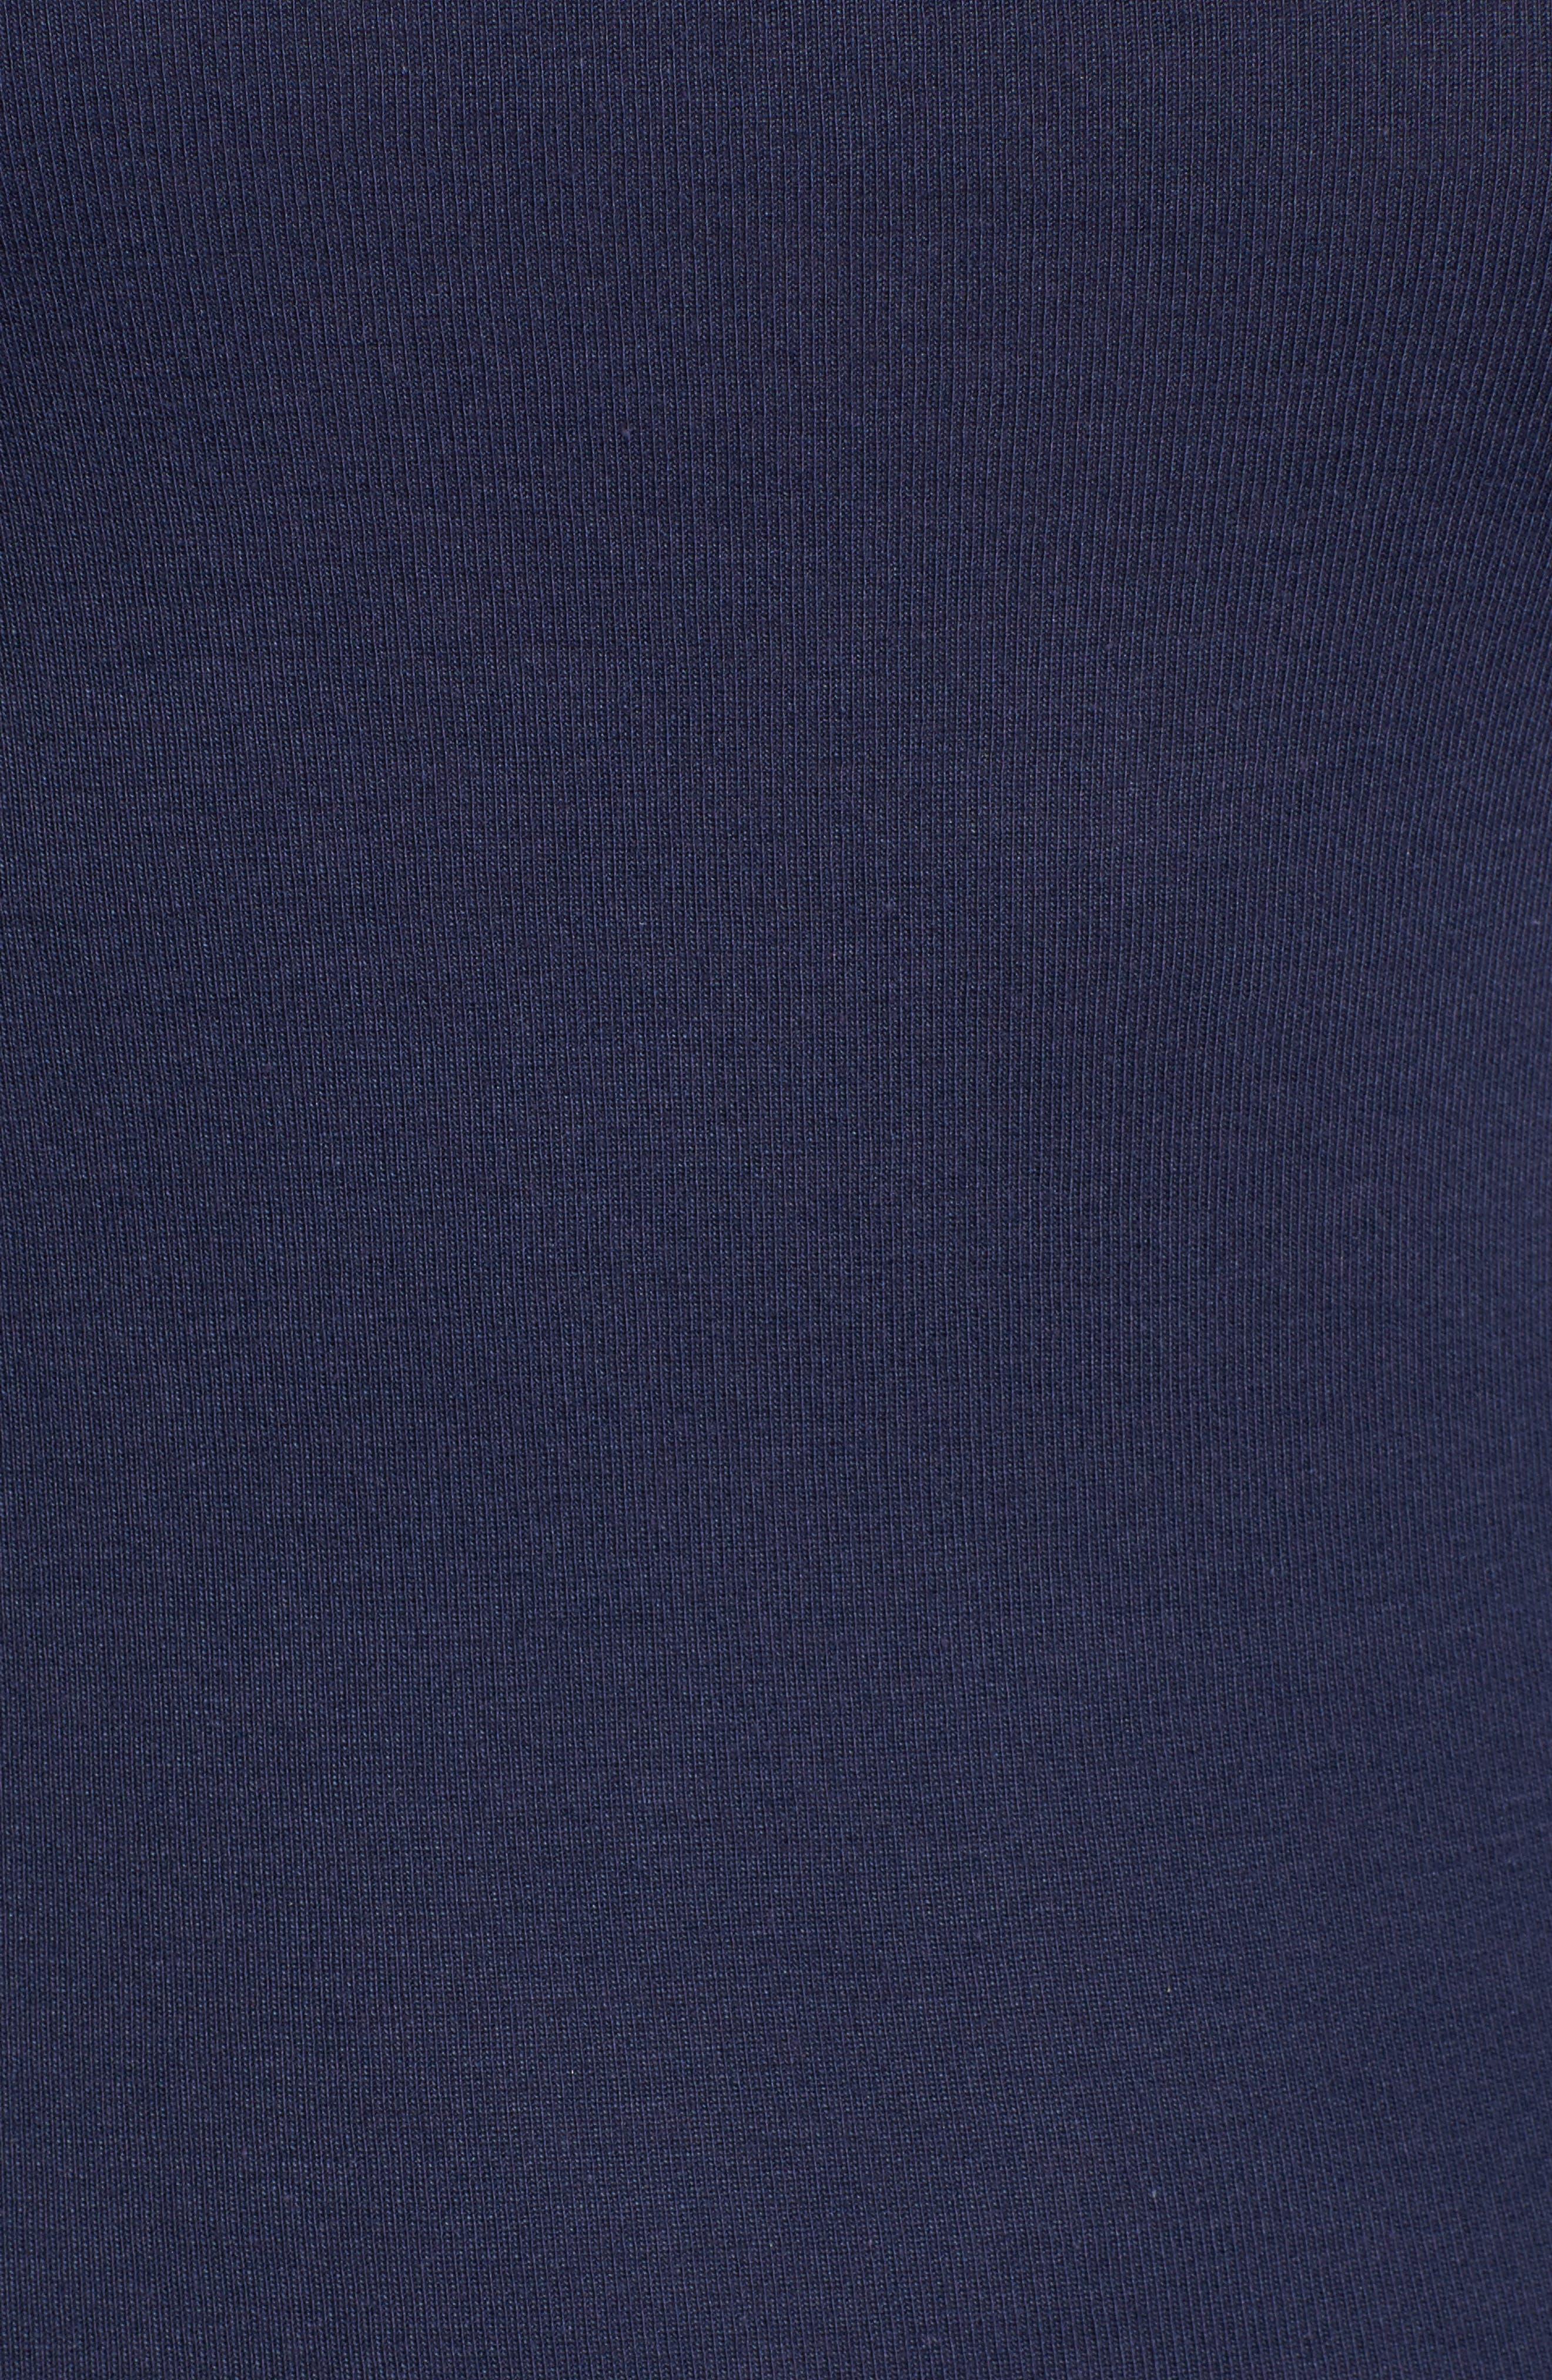 Three Quarter Sleeve Tee,                             Alternate thumbnail 102, color,